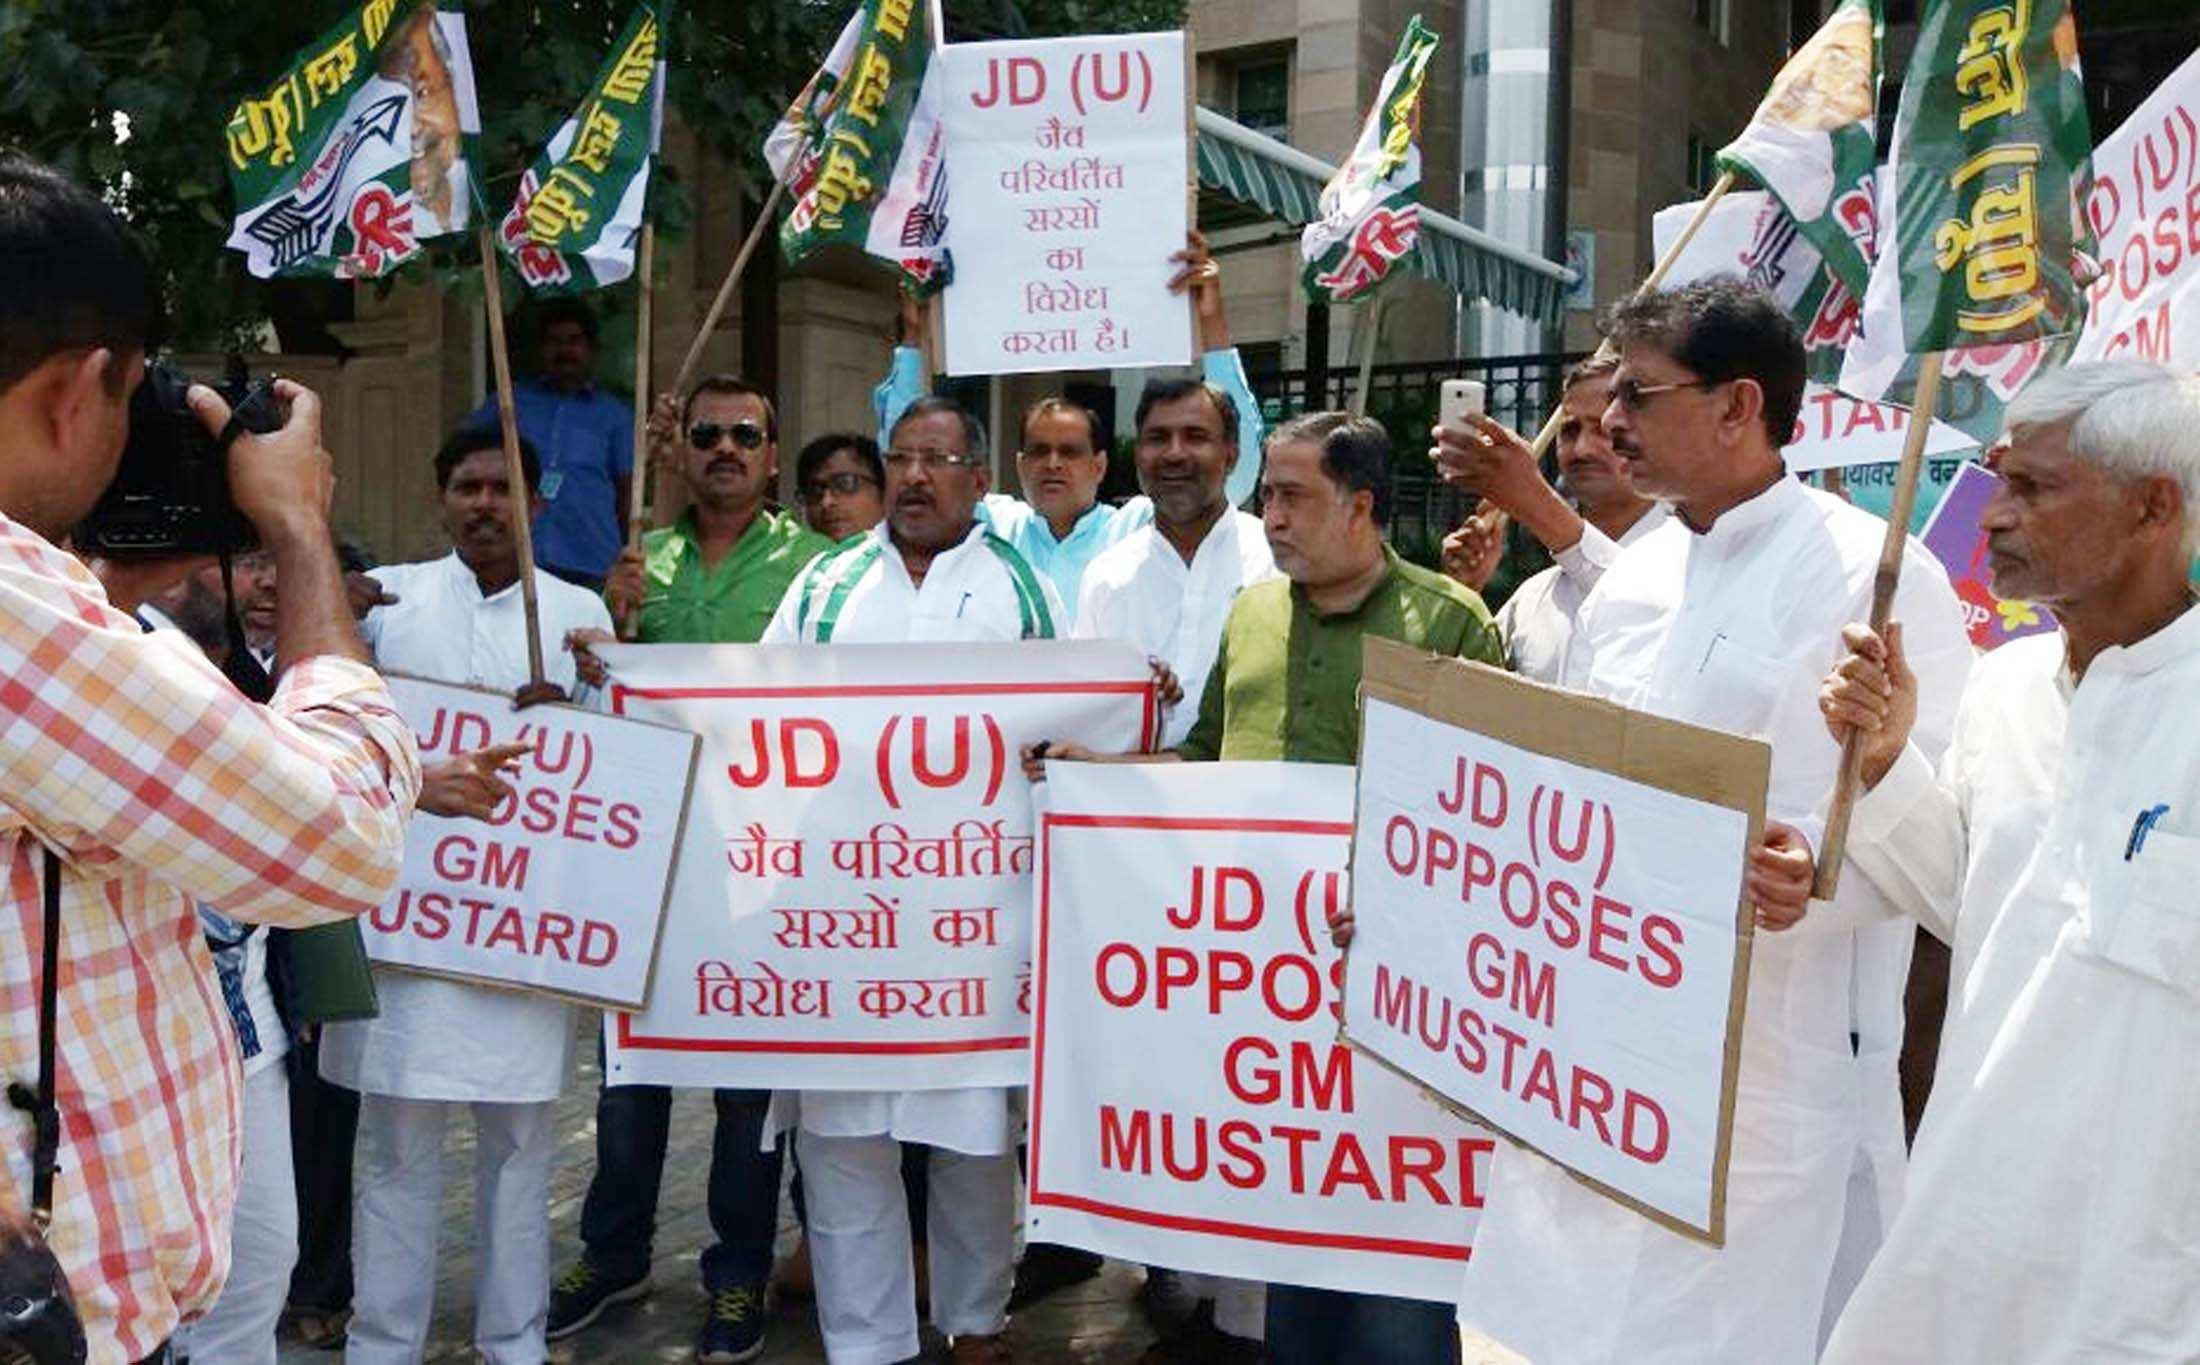 JD(U) leaders demonstrate against GM mustard in New Delhi. Photo: UNI